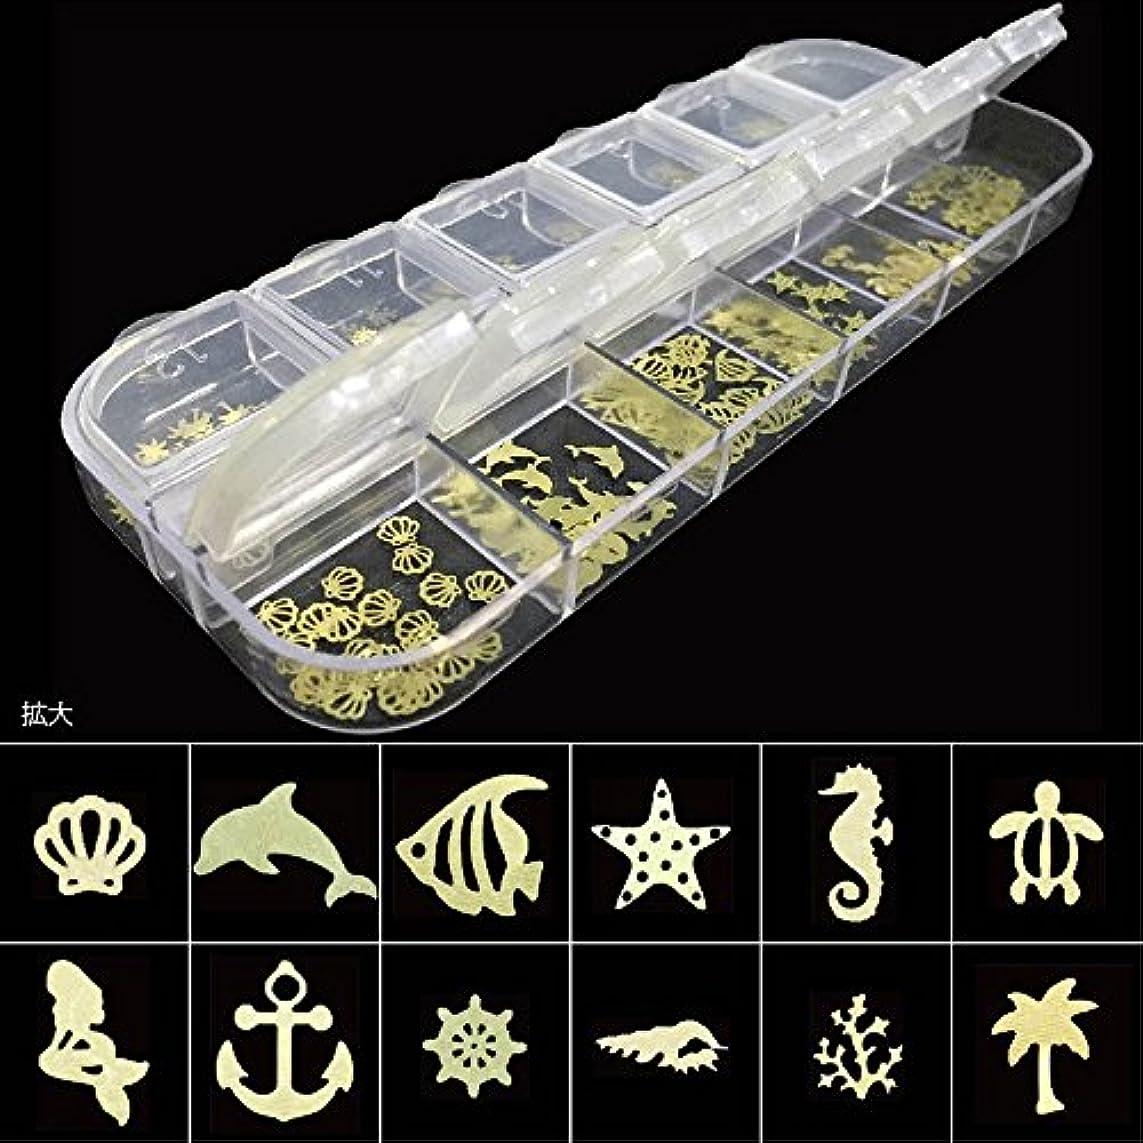 抑圧する流行している経験薄型メタル パーツ ゴールド240枚 ネイル&レジン用 12種類×各20個ケース入 (マリン)